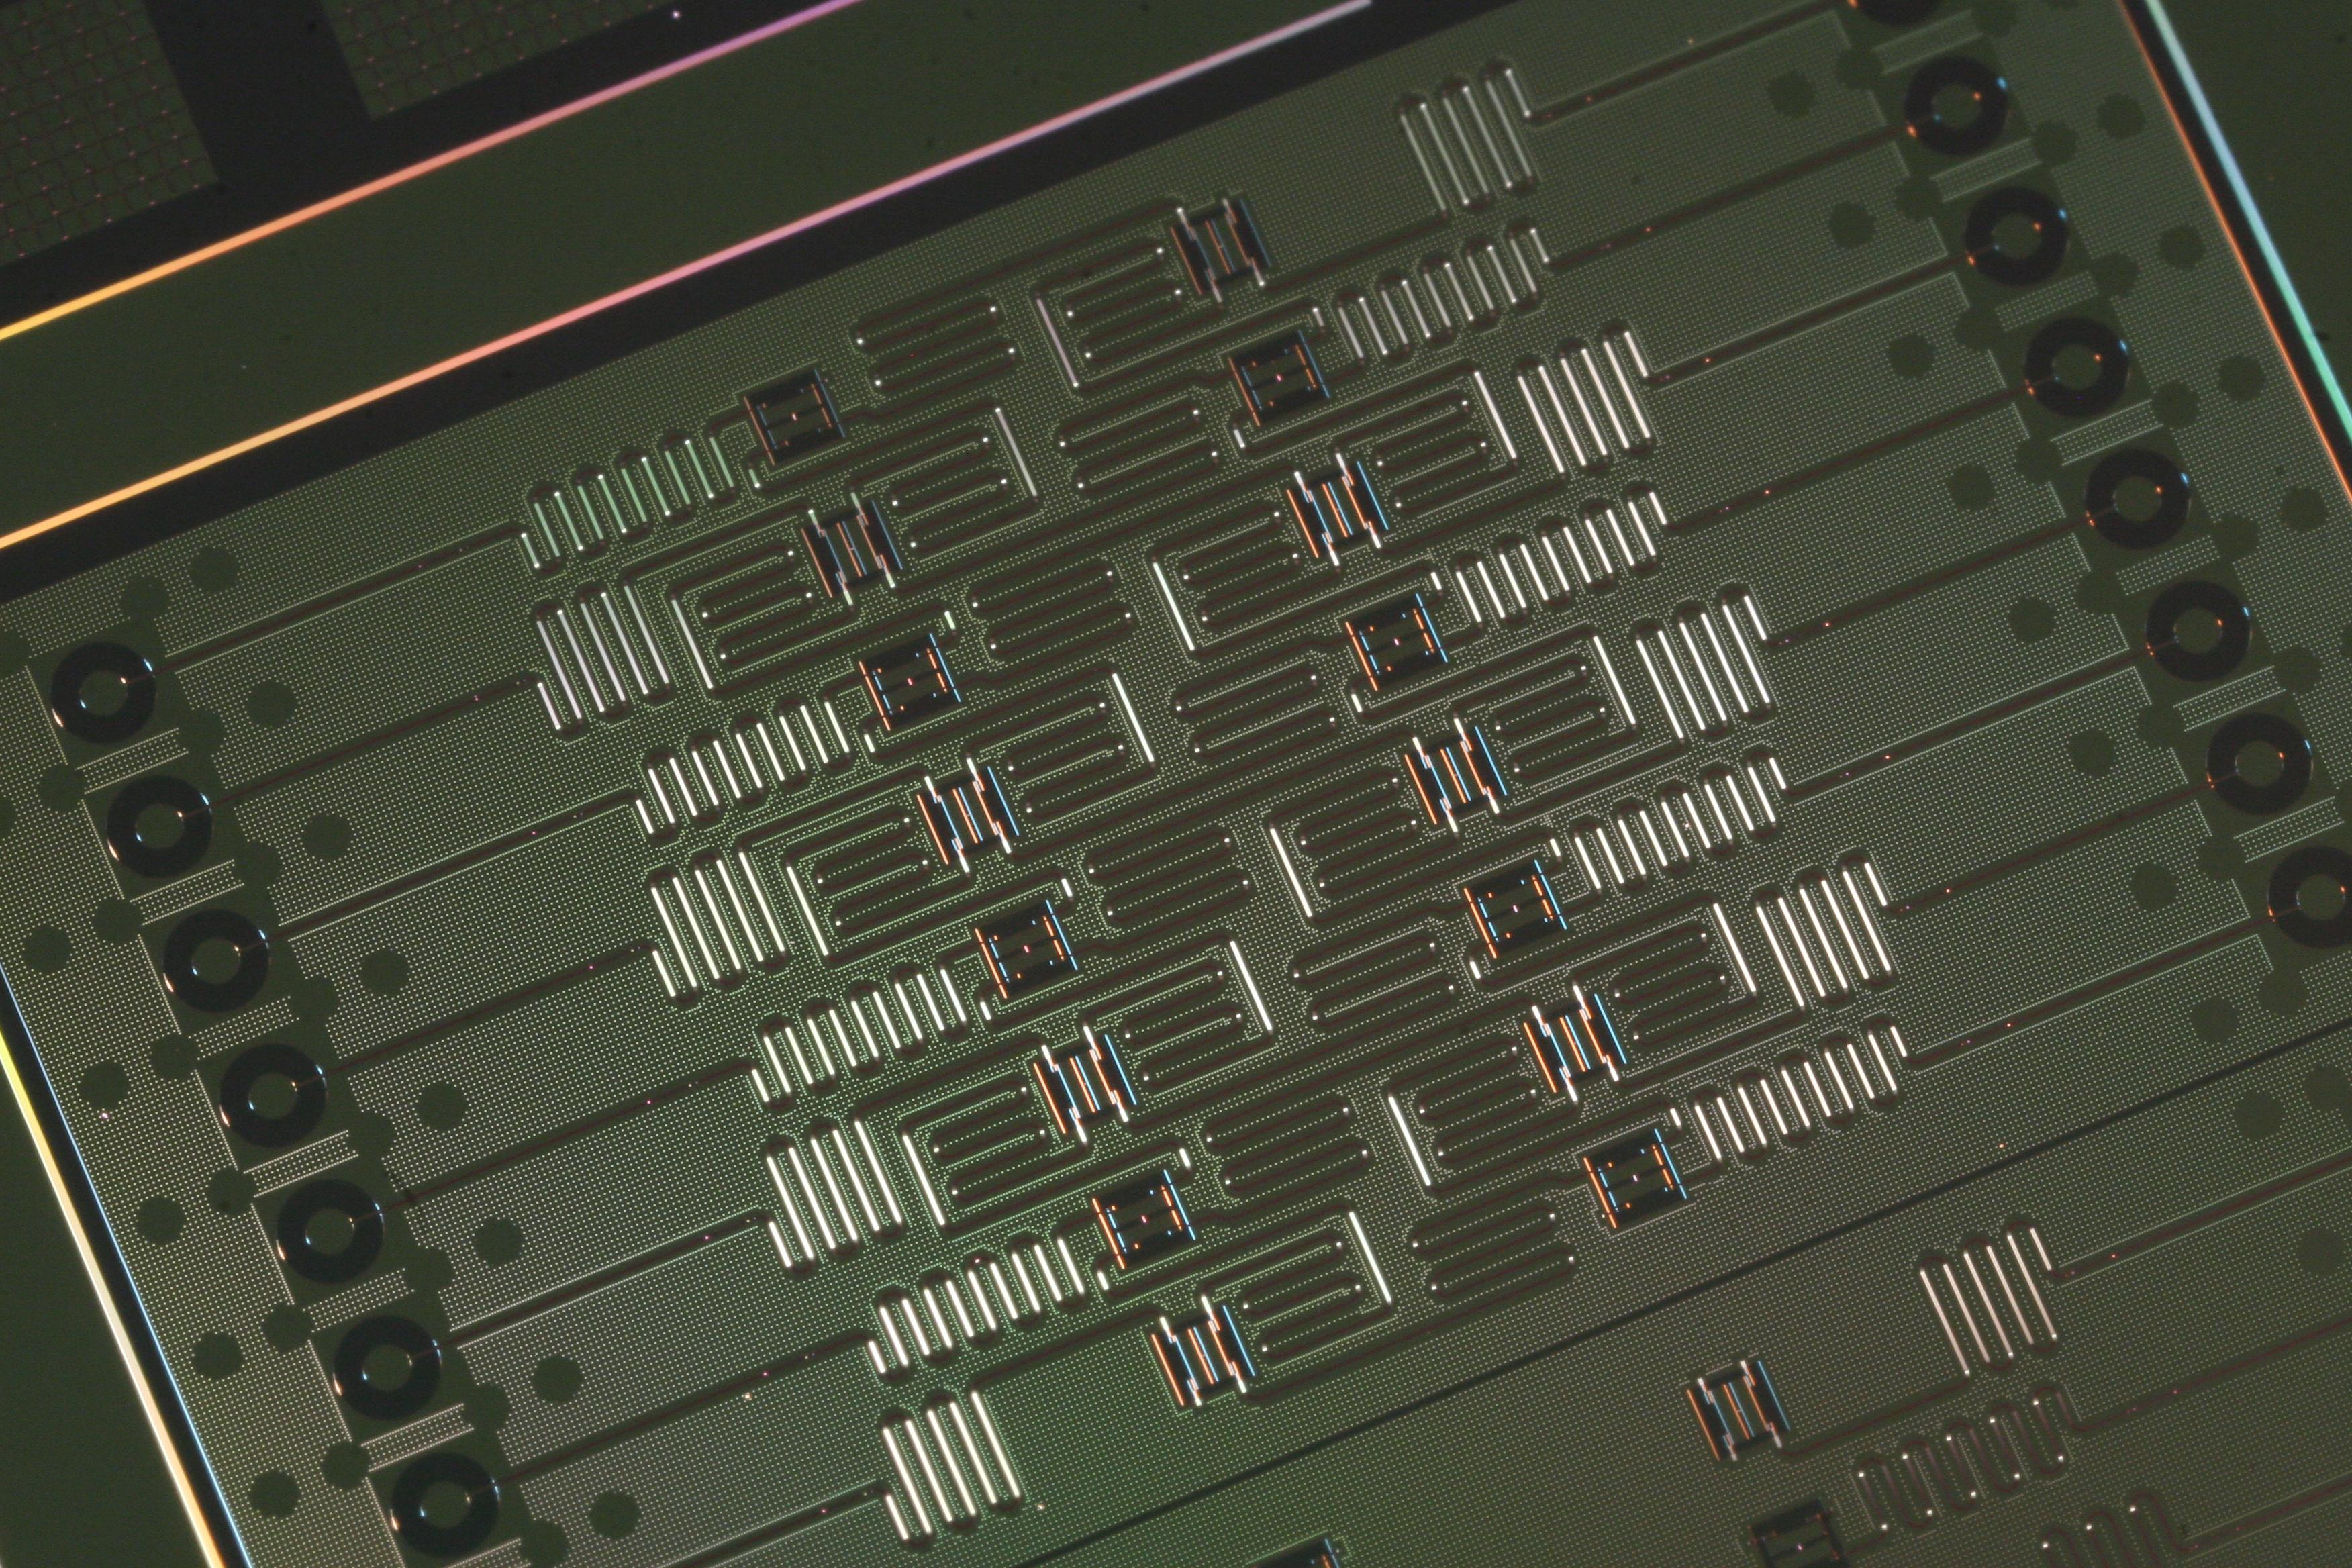 IBM mantiene su posición en la carrera por la supremacía cuántica y presenta un chip de 17 cúbits